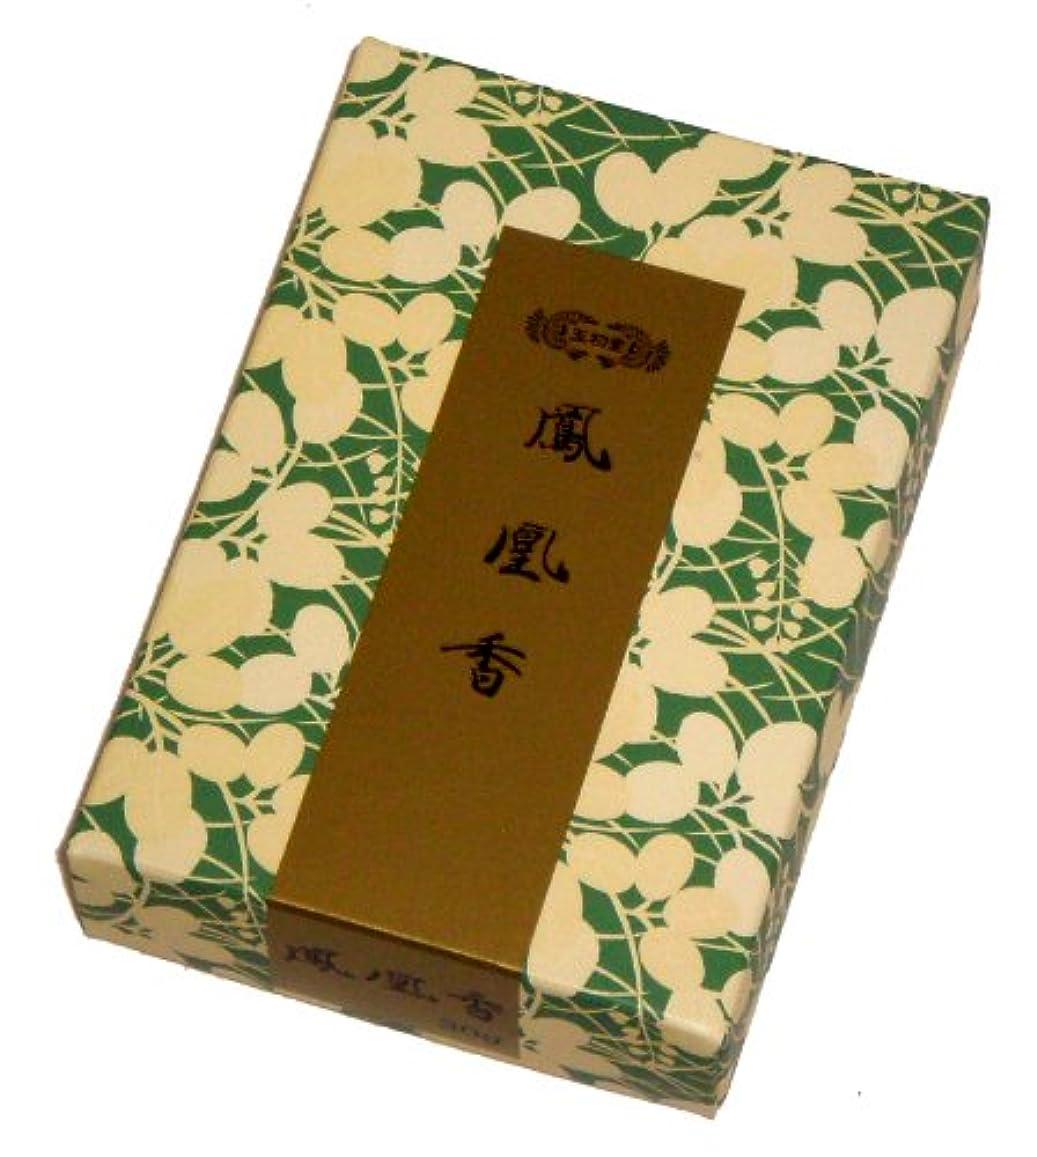 小包粉砕するルーキー玉初堂のお香 鳳凰香 30g #685